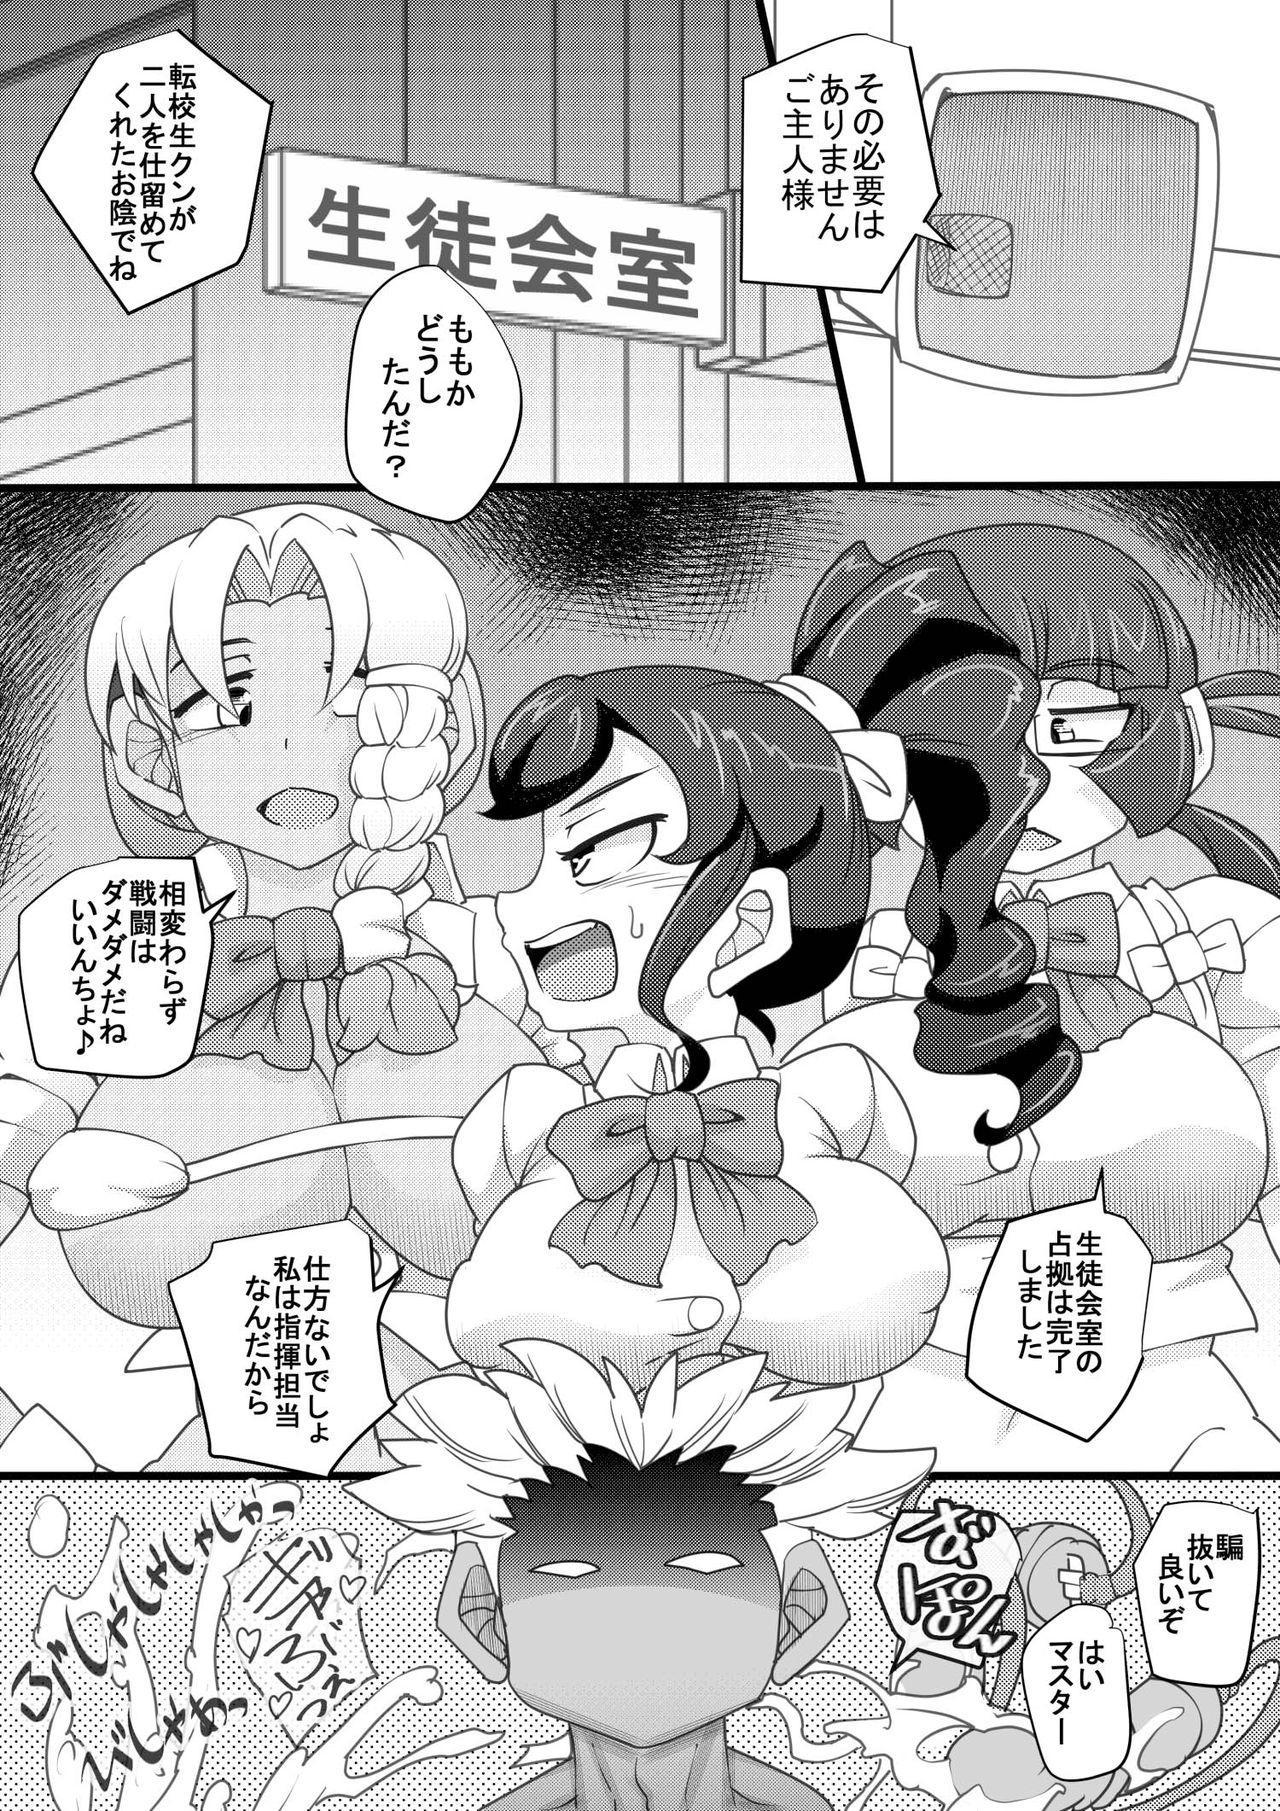 Uchi no Joseito Zenin Haramaseta Kedamono ga Anta no Gakuen ni Iku Rashii yo? 5 28